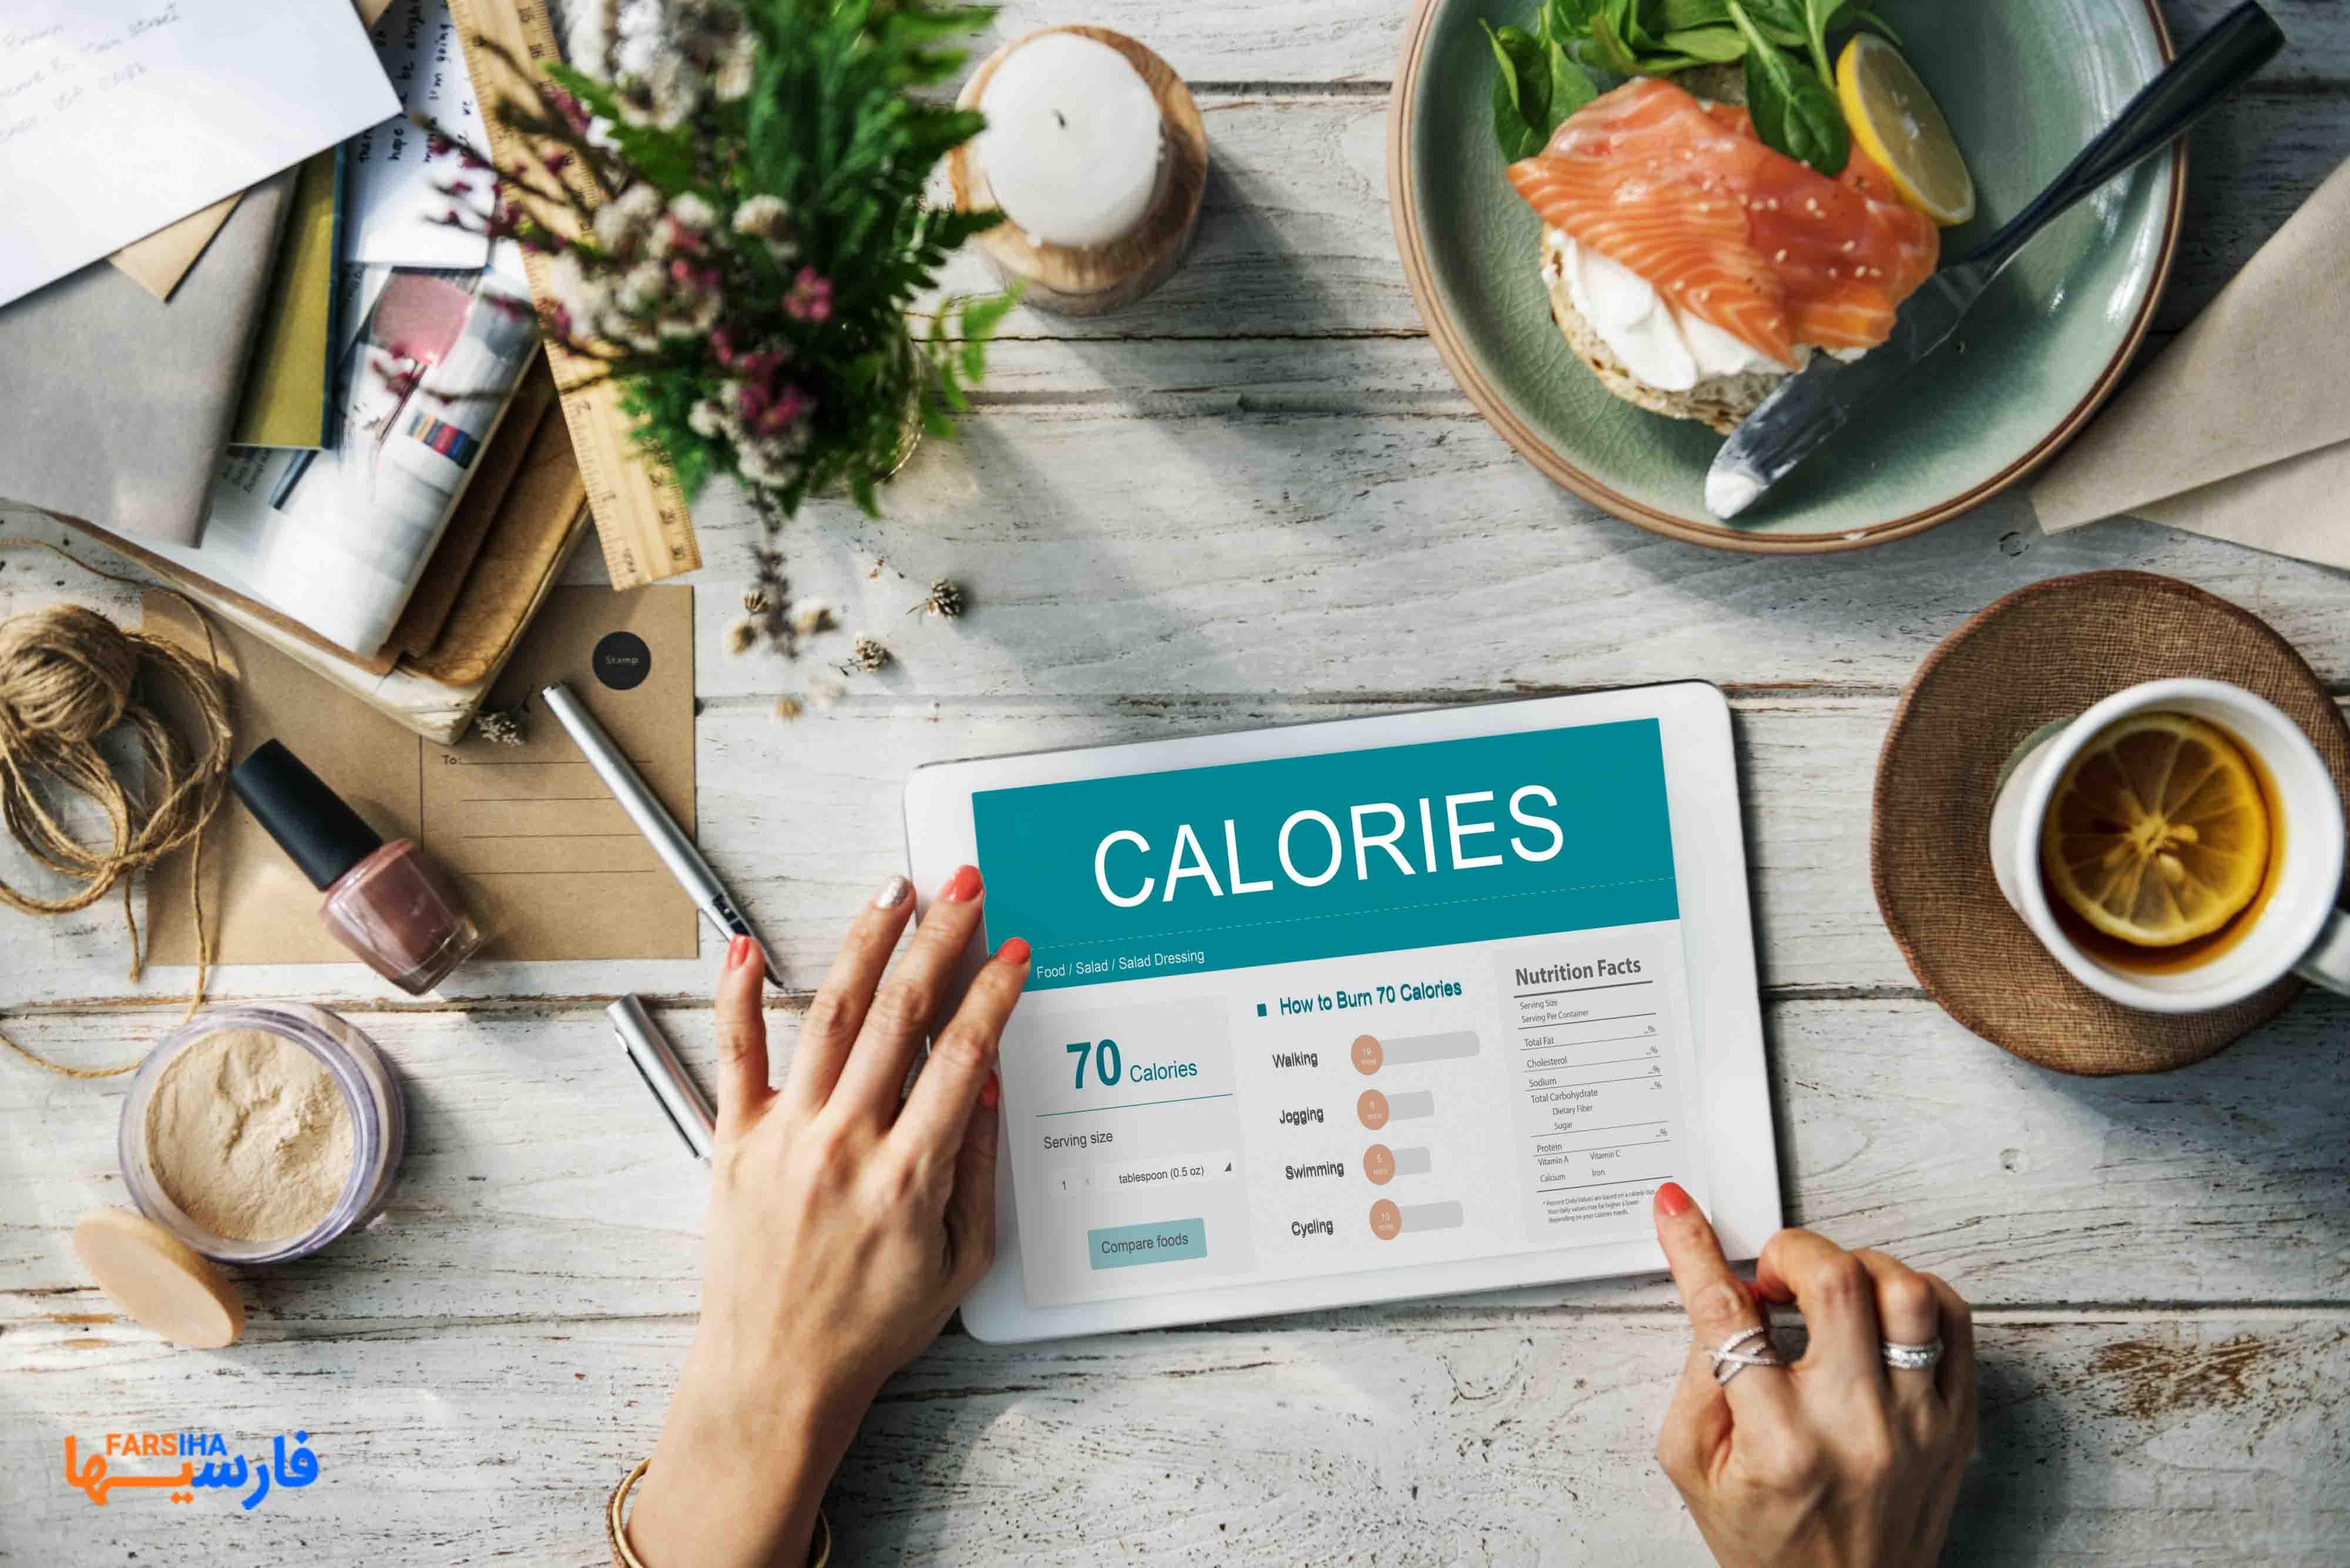 جایگزین هایی برای خوراکیهای پر کالری